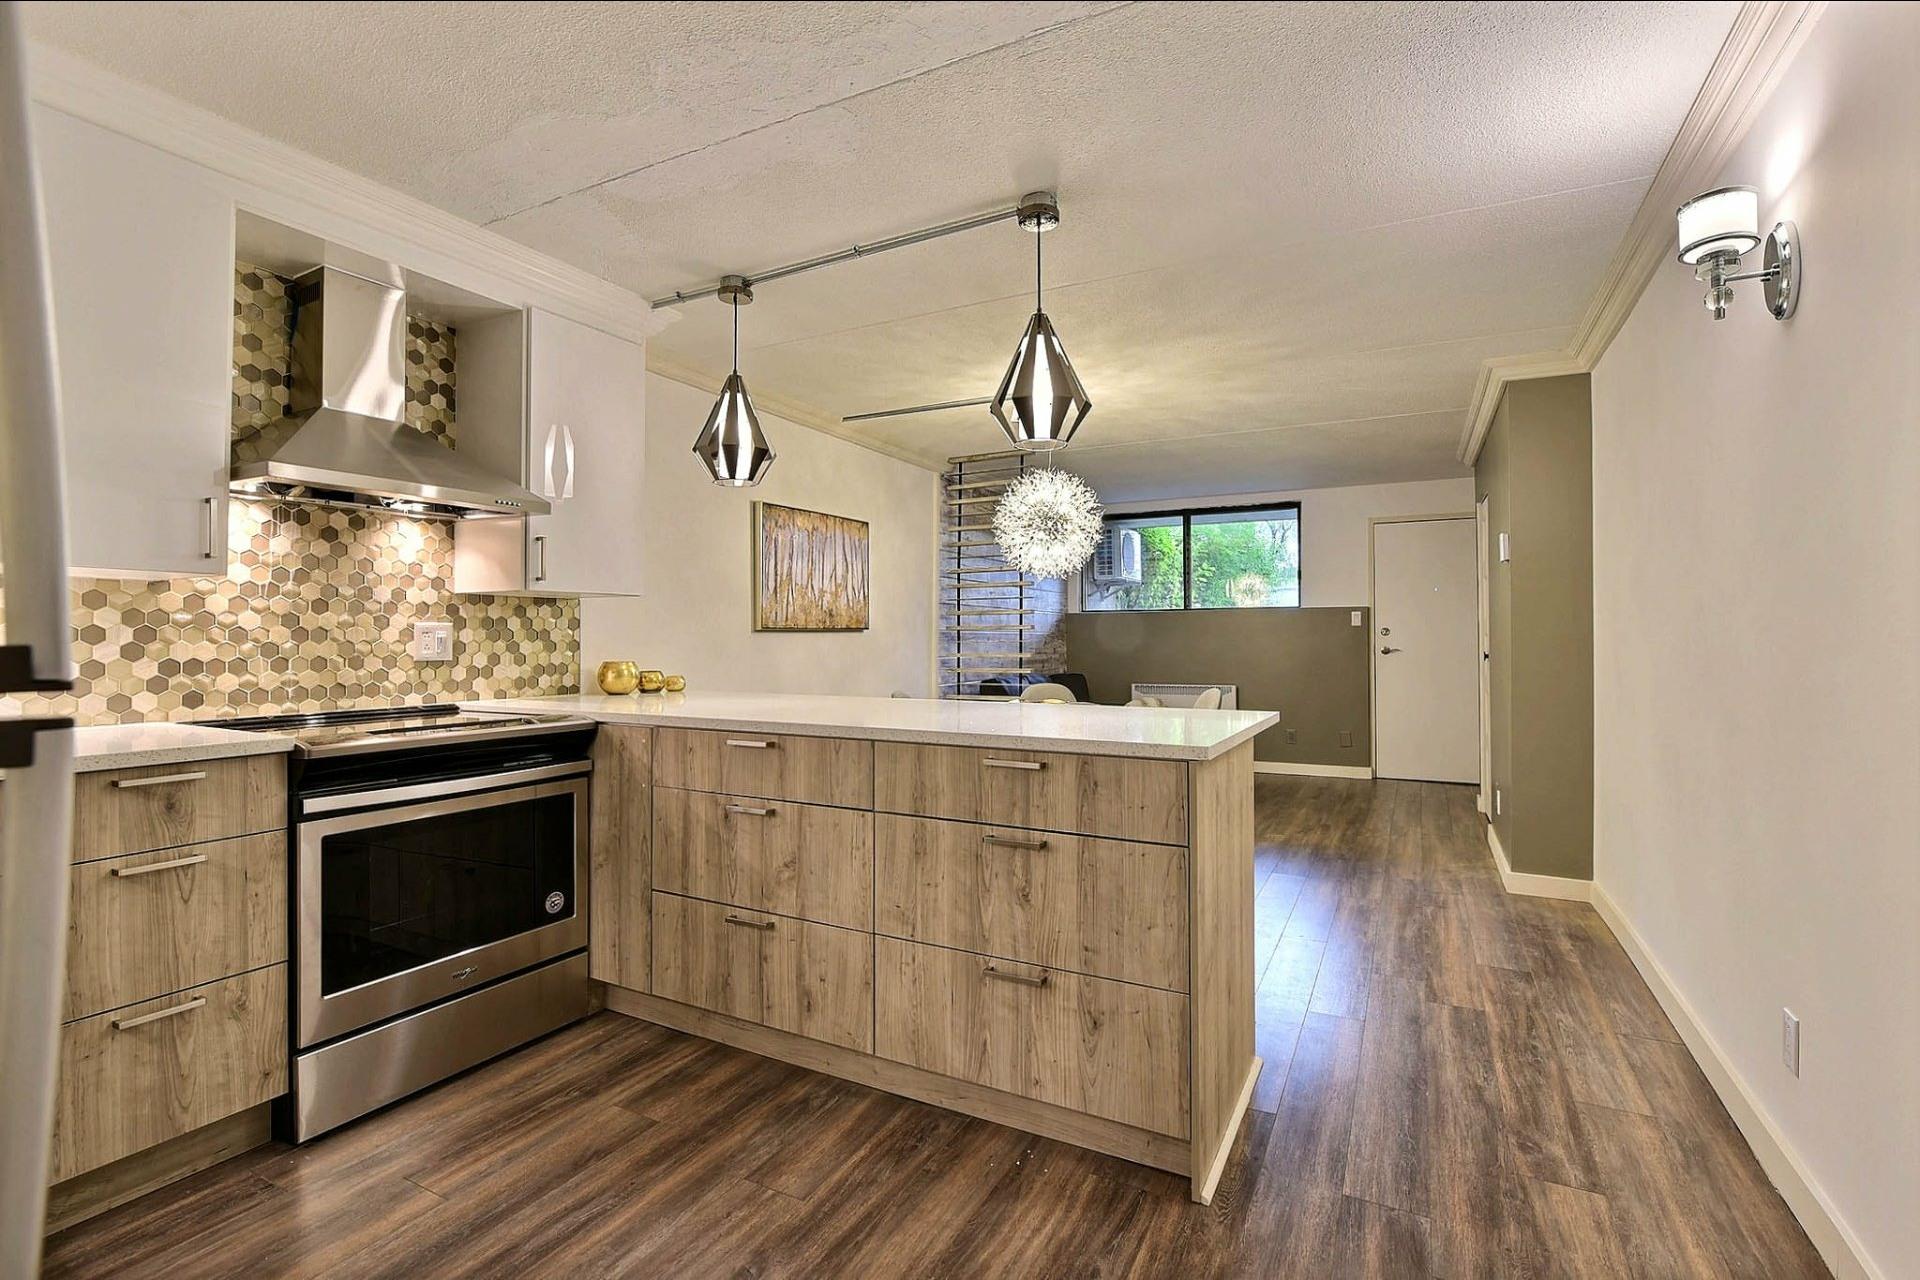 image 5 - Apartment For sale Montréal Mercier/Hochelaga-Maisonneuve  - 7 rooms